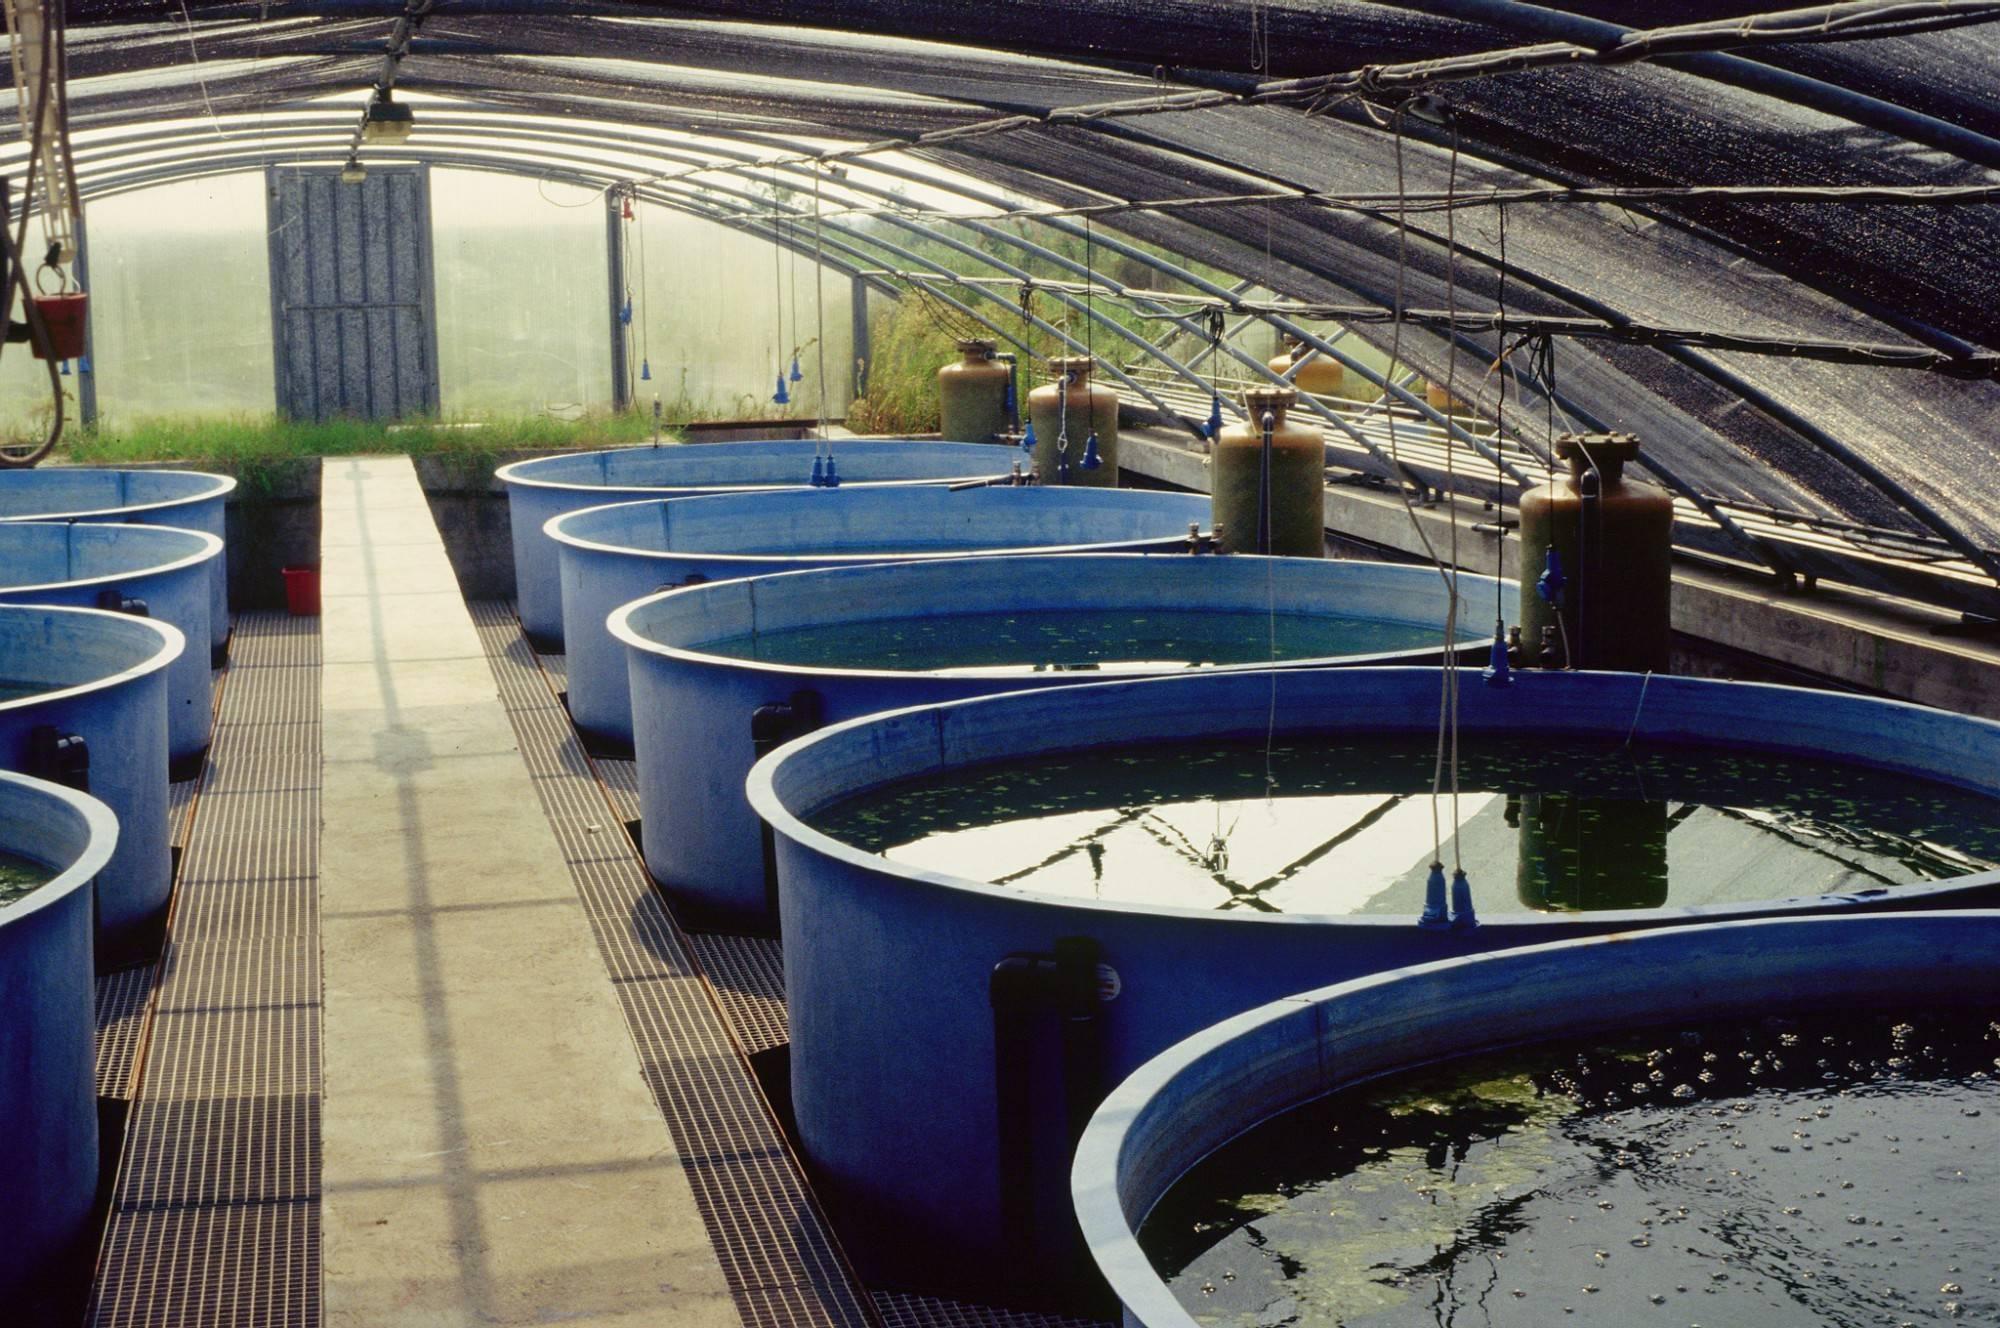 Выращивание форели в бассейнах: как организовать производство и о чем нужно знать